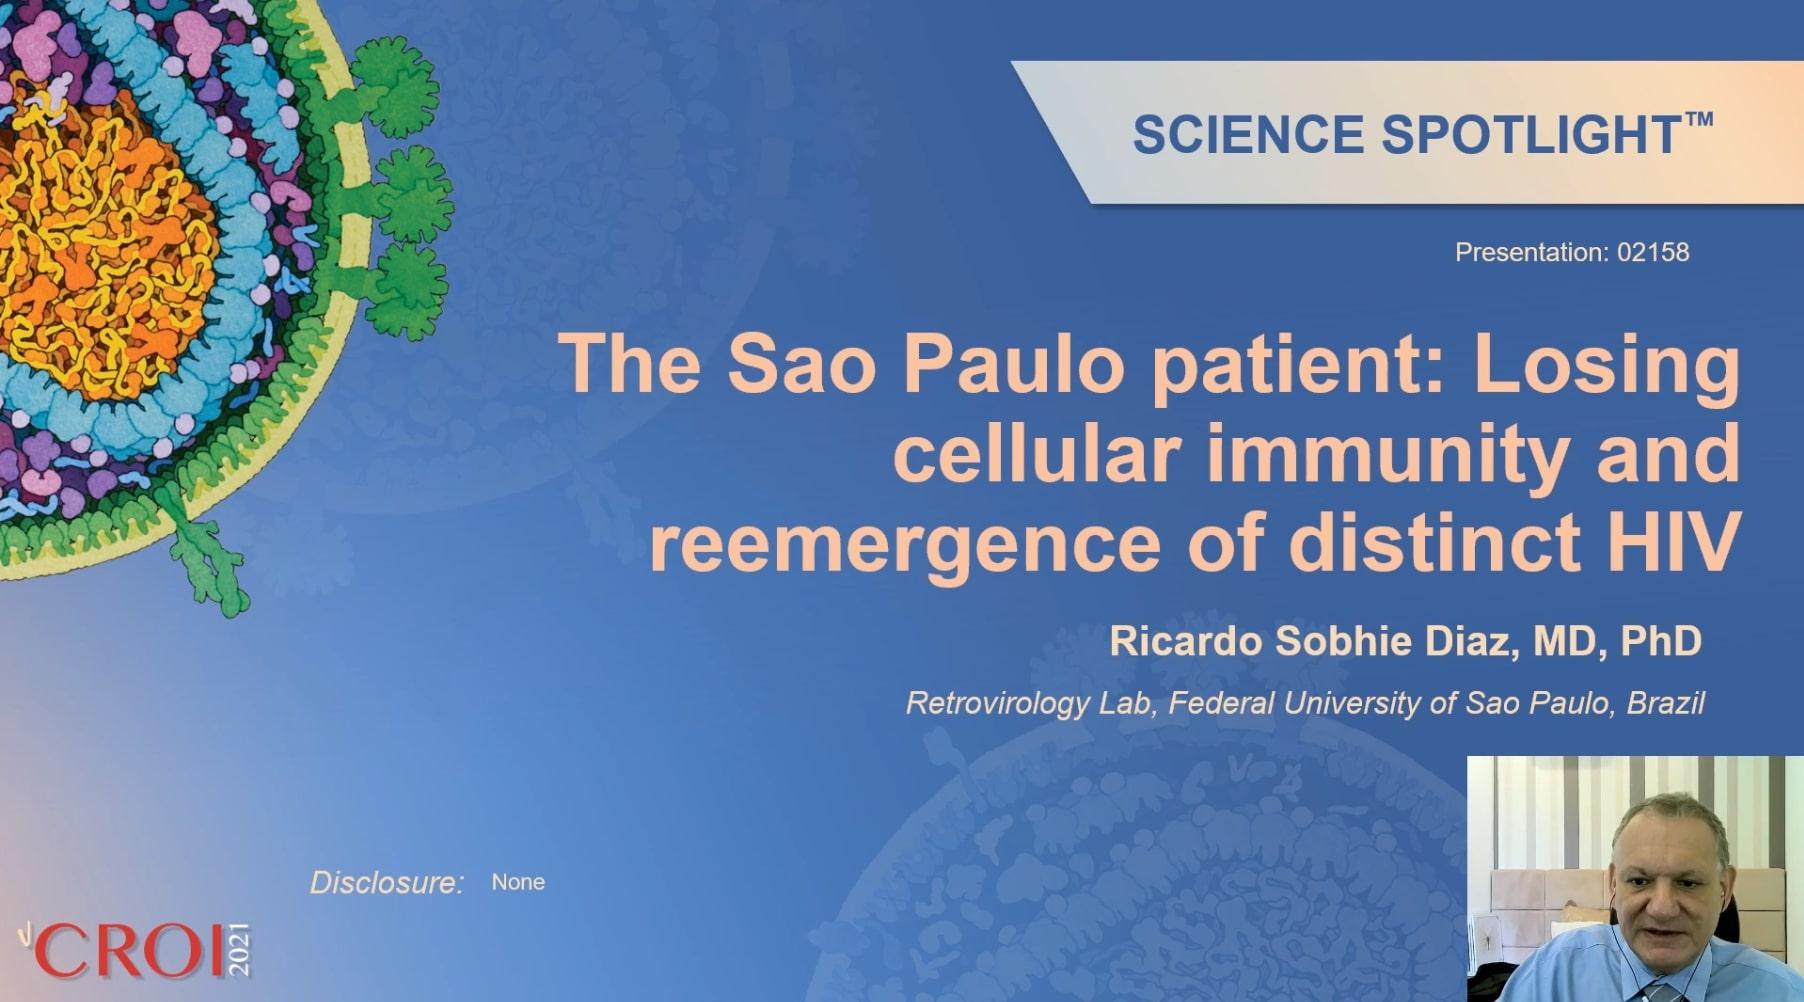 ВИЧ вернулся. Пациент из Сан-Паулу снова начал прием АРВ-терапии